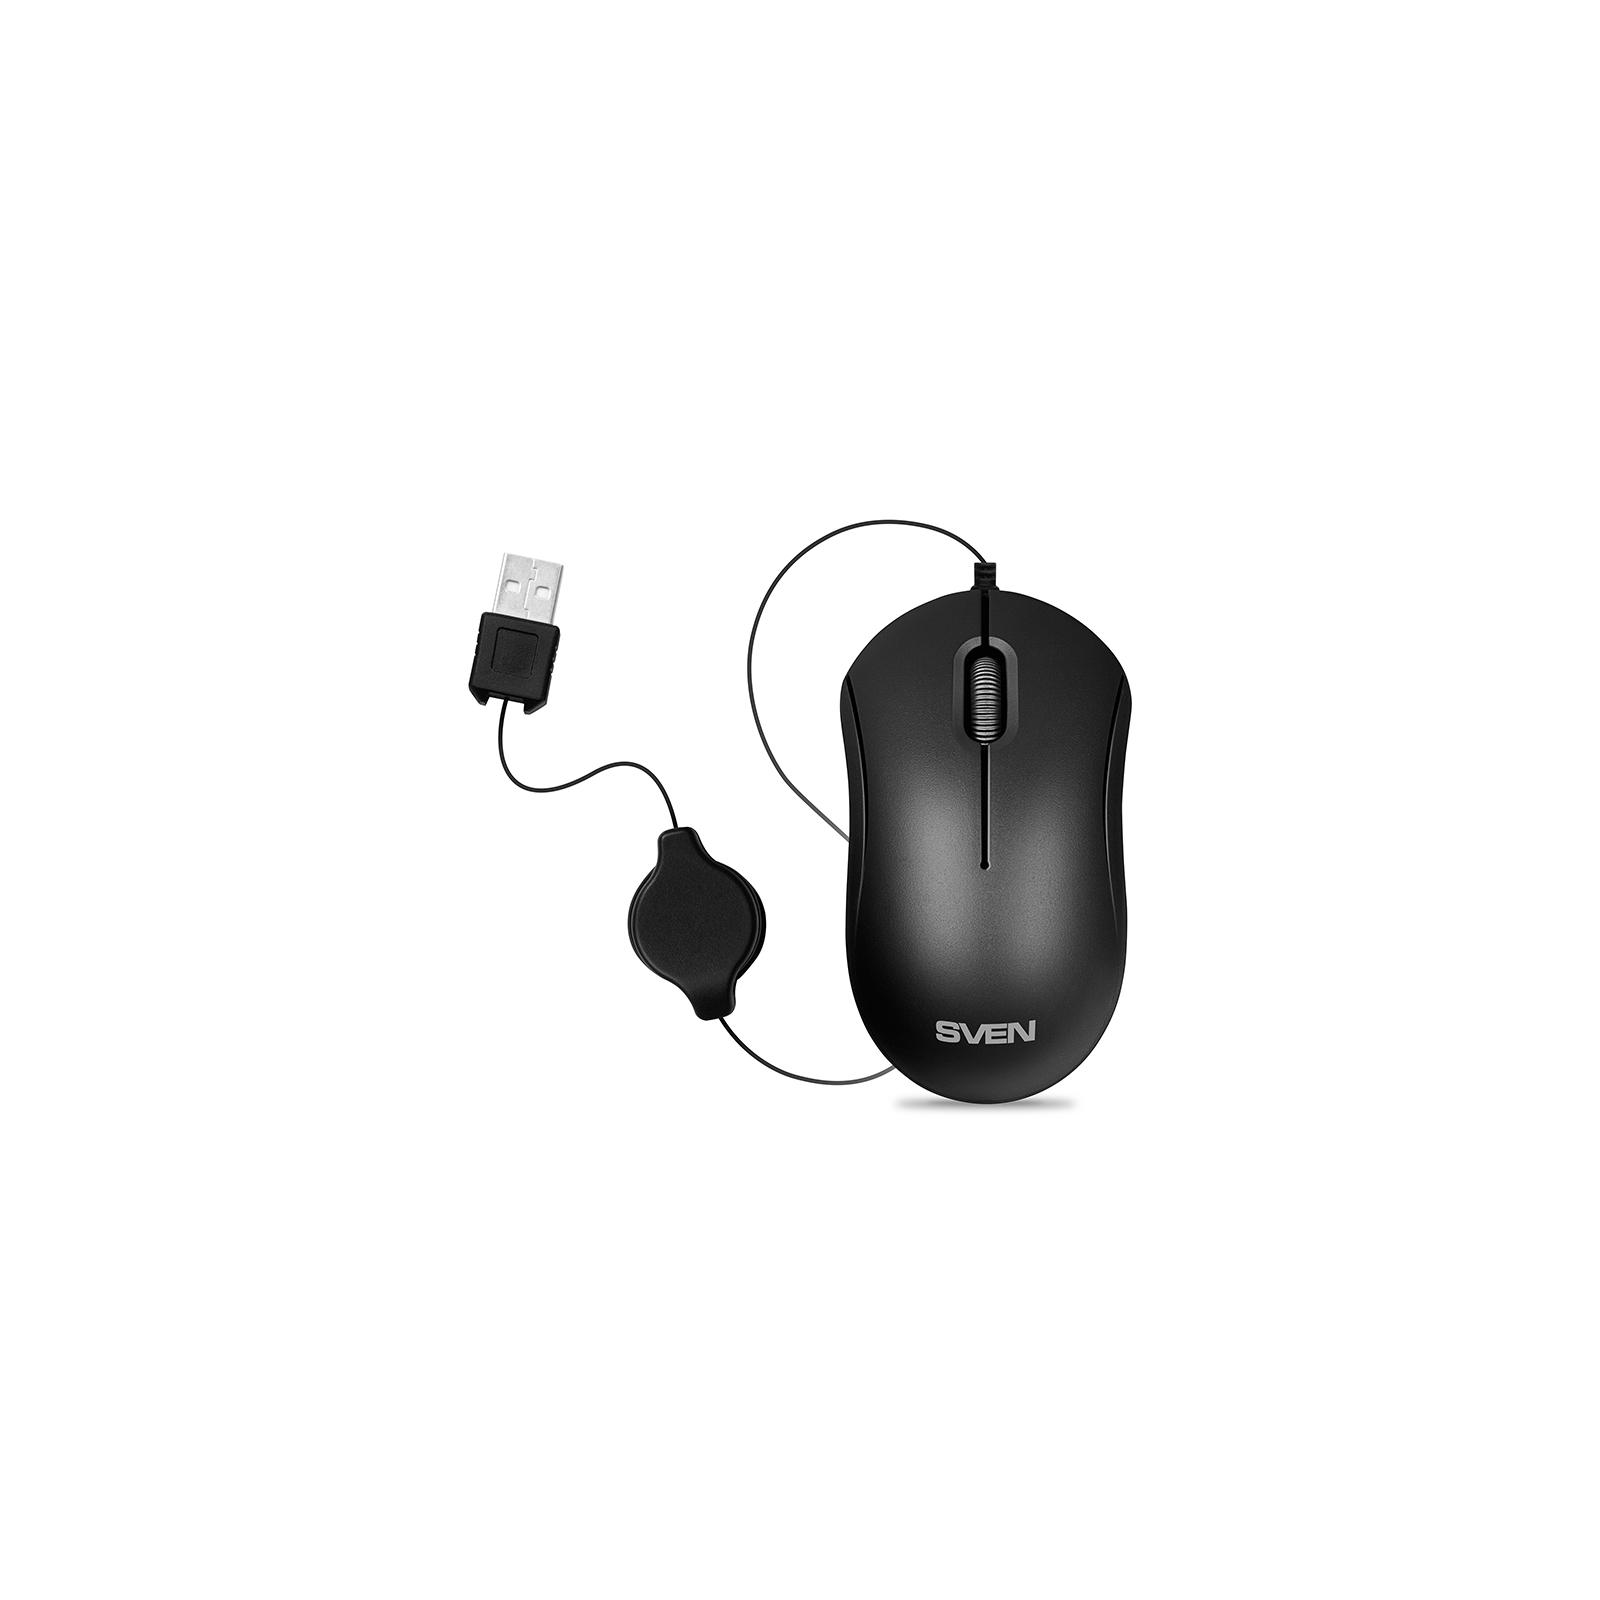 Мышка Sven RX-60 Black изображение 7